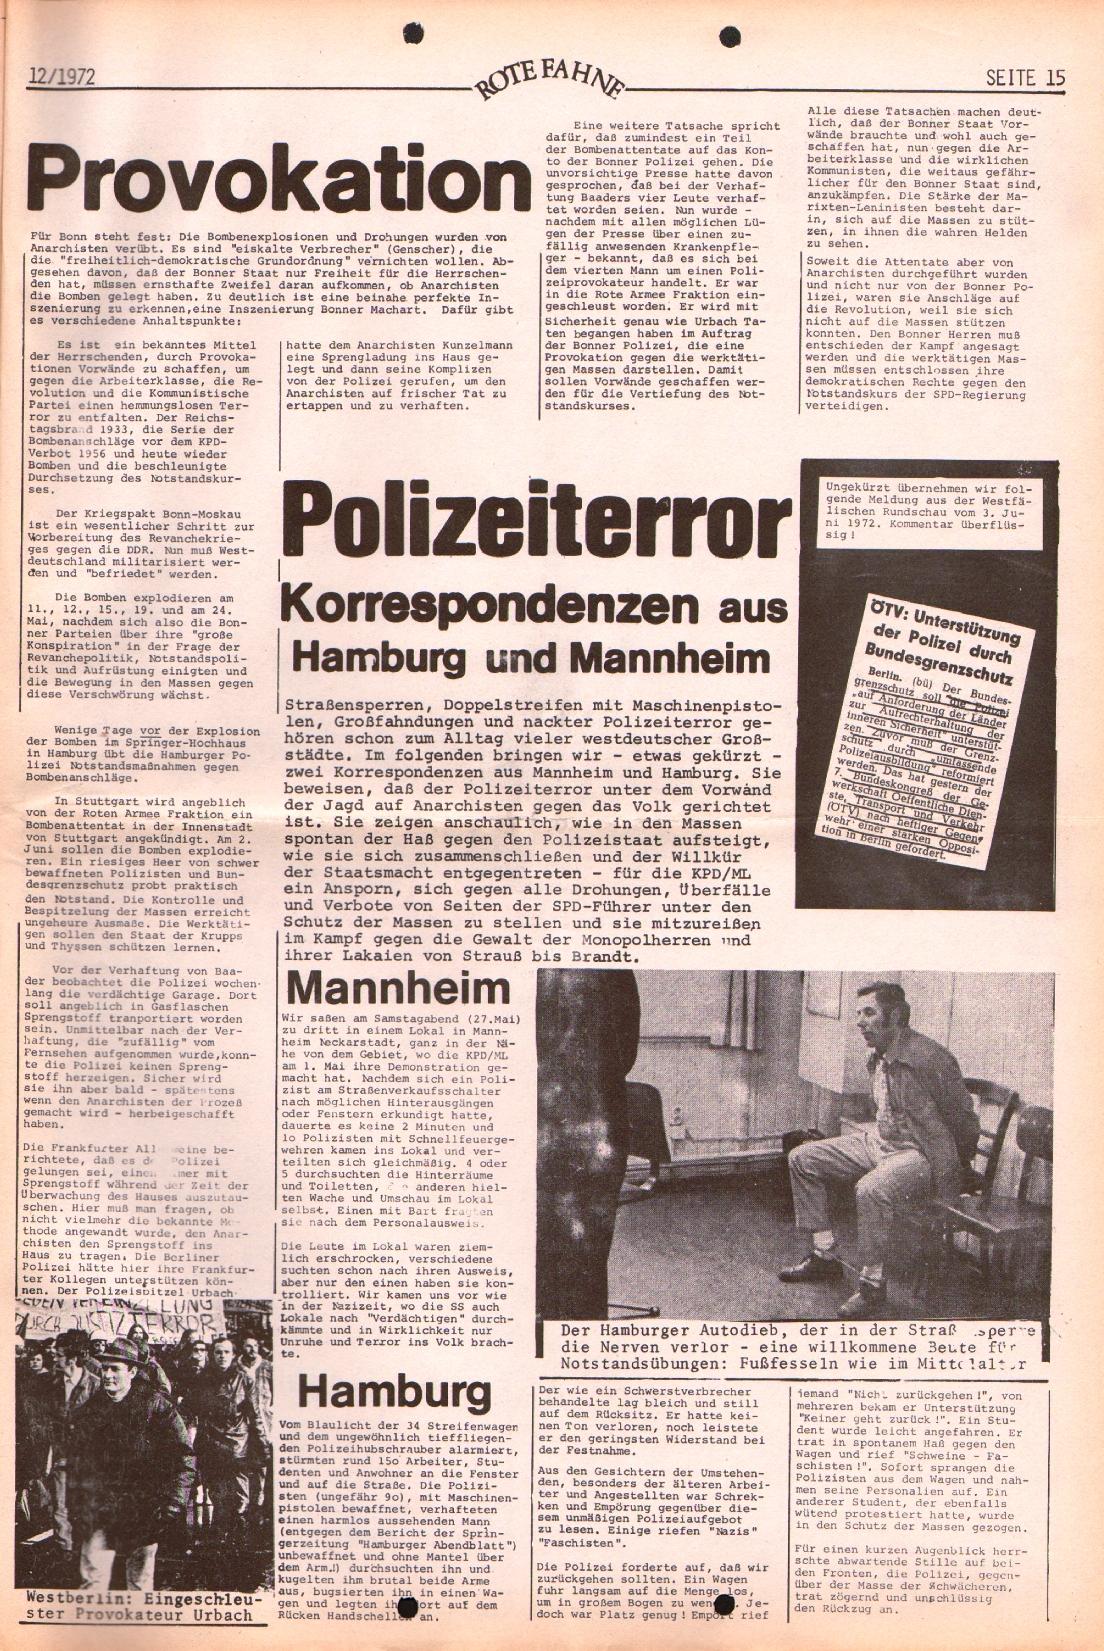 Rote Fahne, 3. Jg., 12.6.1972, Nr. 12, Seite 15